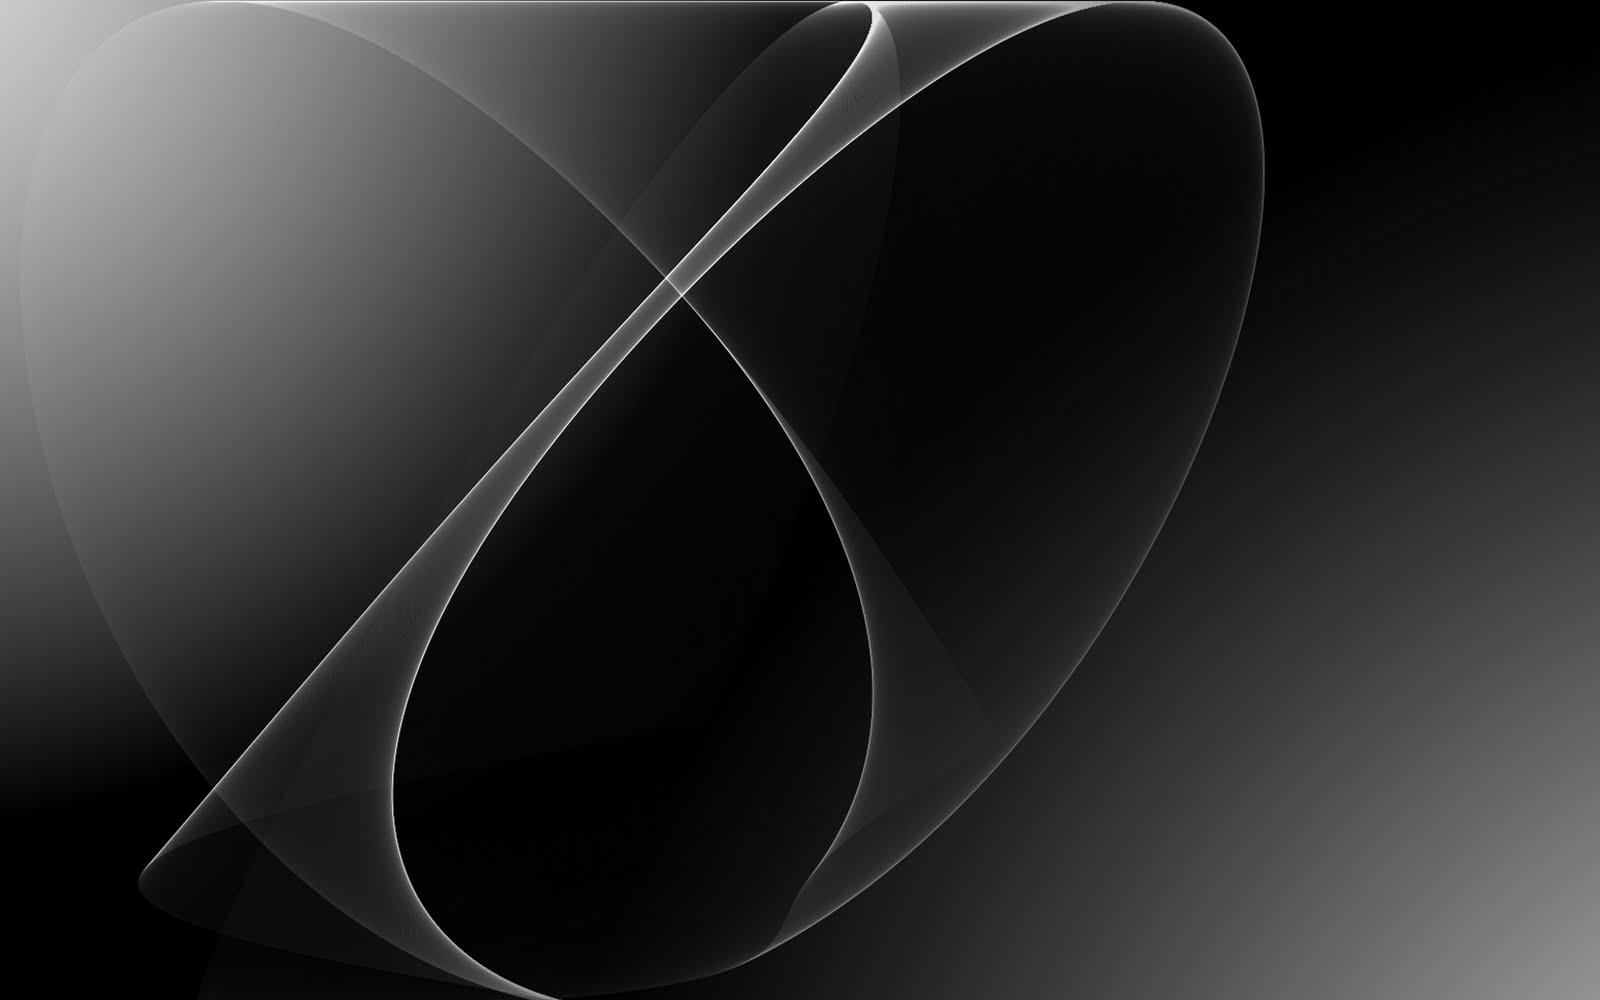 http://2.bp.blogspot.com/-0BgZf7NllqQ/TihC5h5yiNI/AAAAAAAALpI/hdP2-vxV_wQ/s1600/Leuke-zwart-wit-achtergronden-mooie-hd-zwart-wit-wallpapers-33.jpg